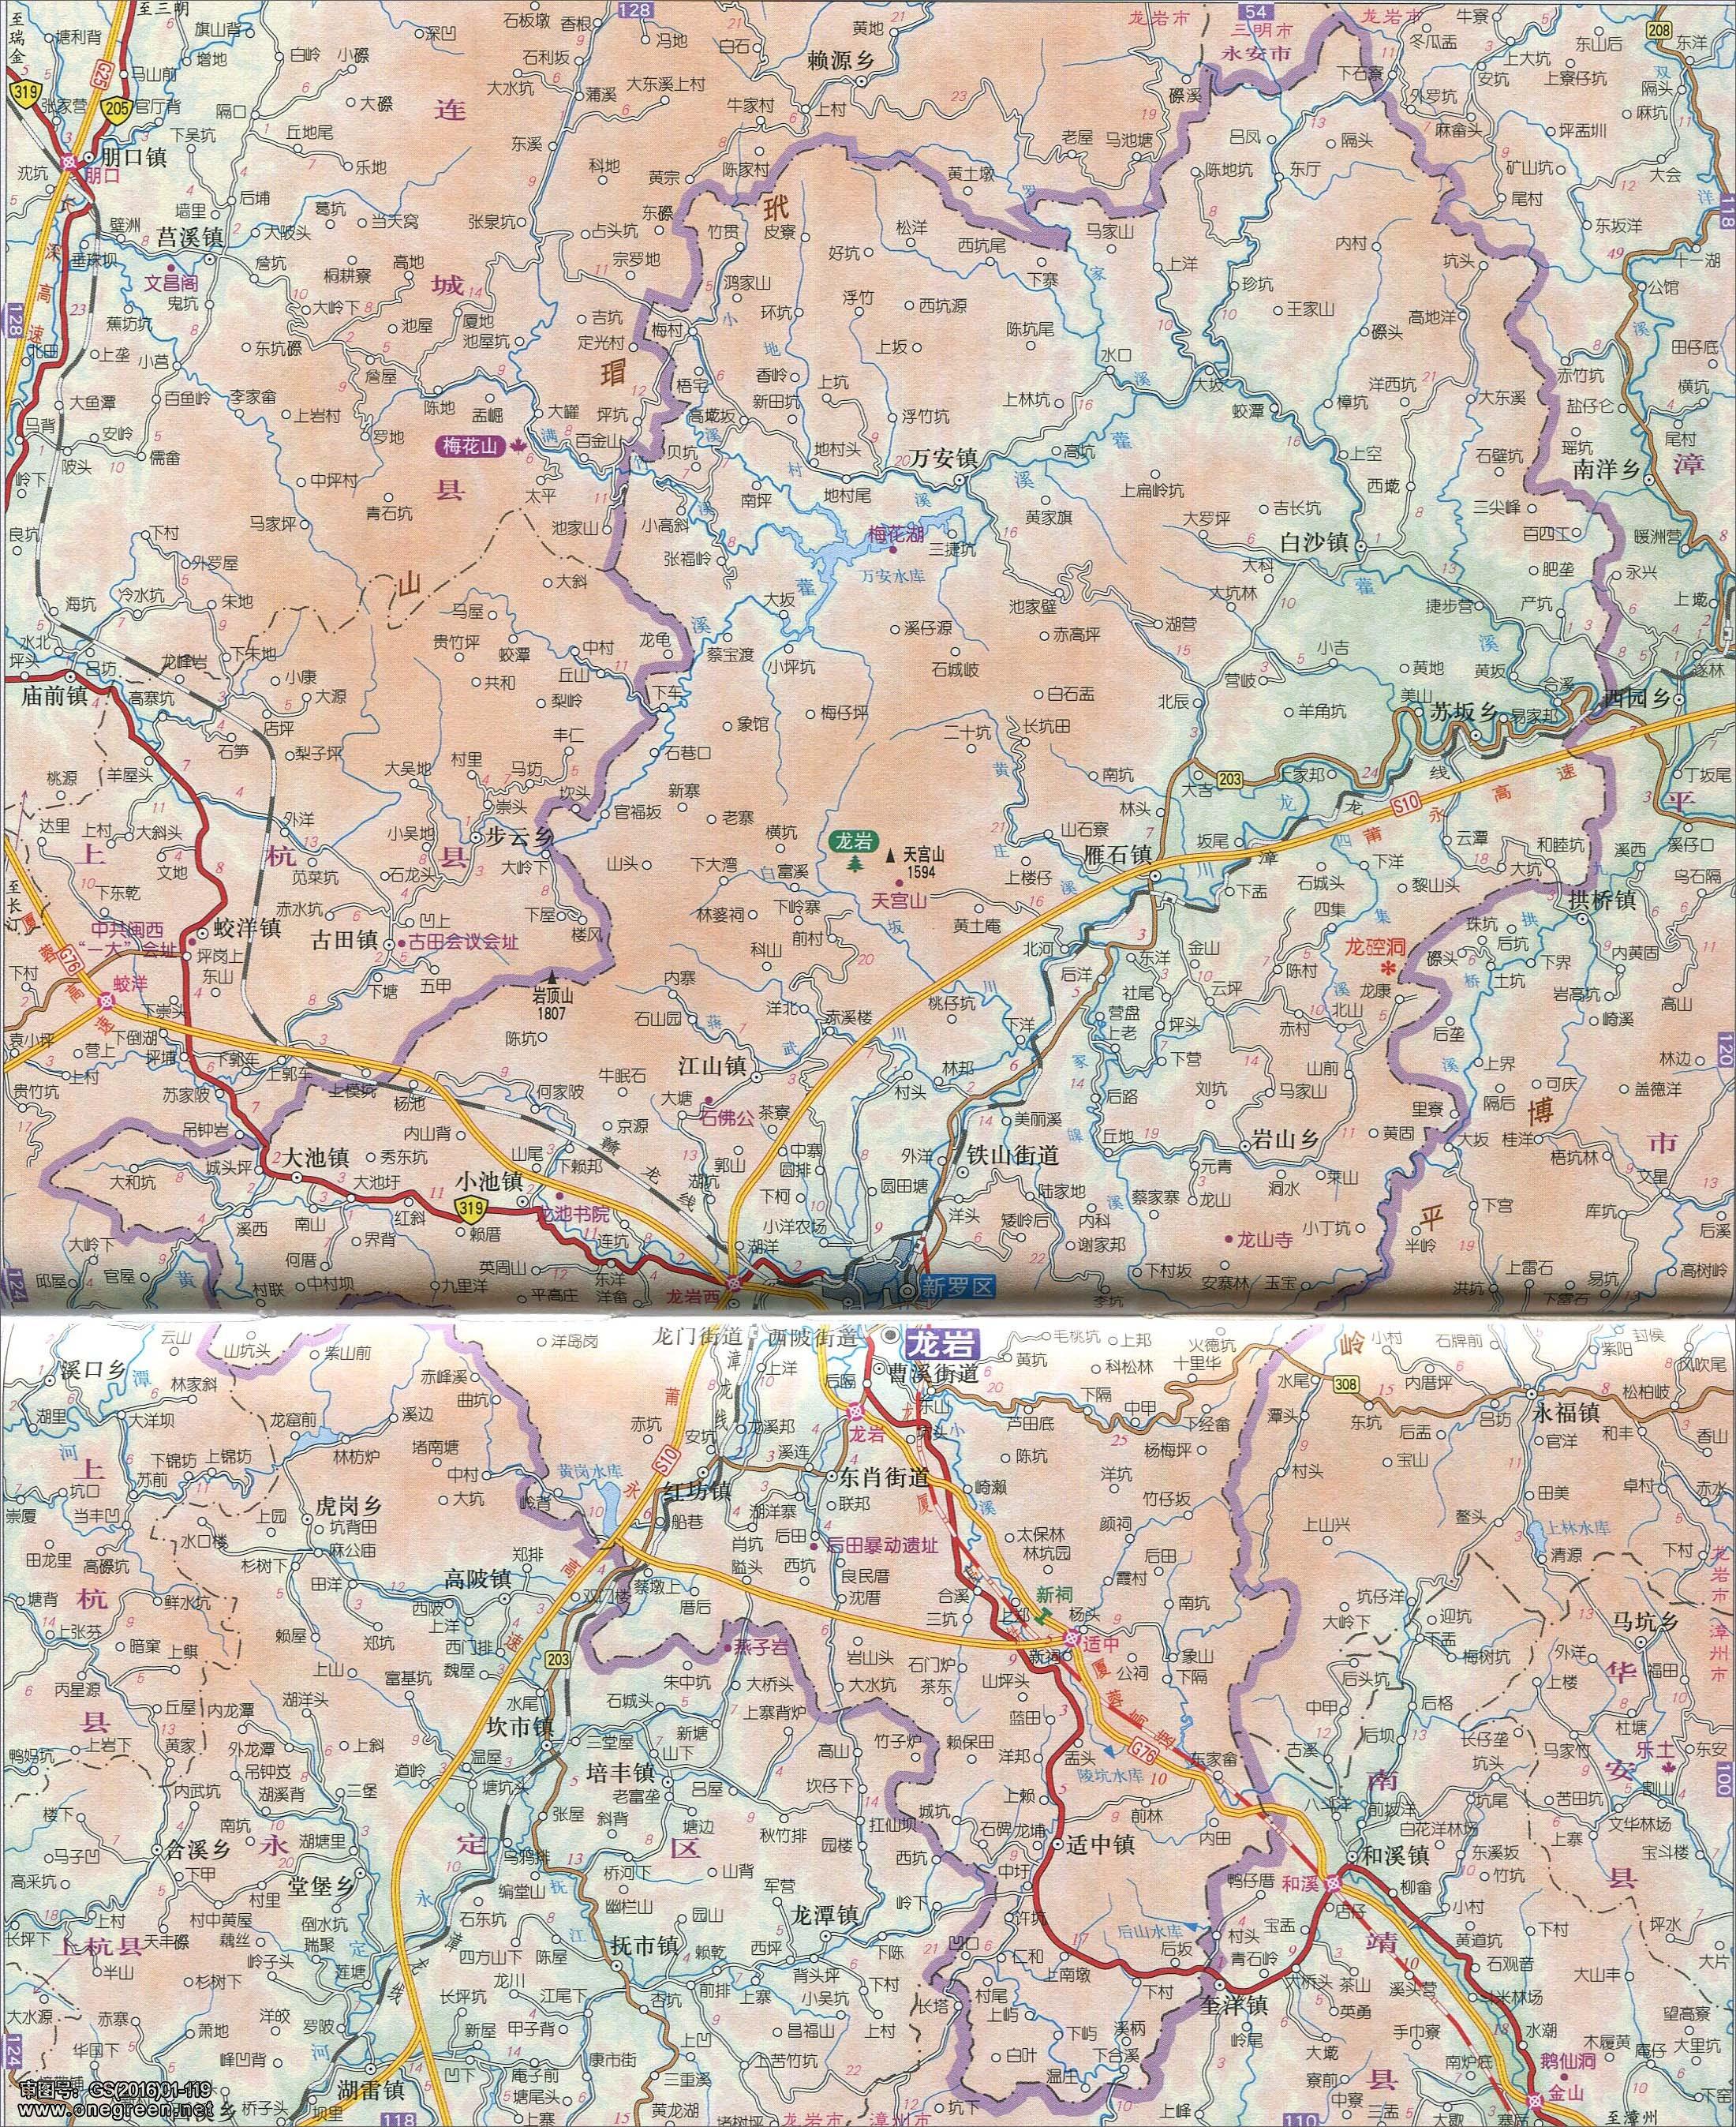 龙岩市地图_新罗区地图_龙岩地图库_地图窝